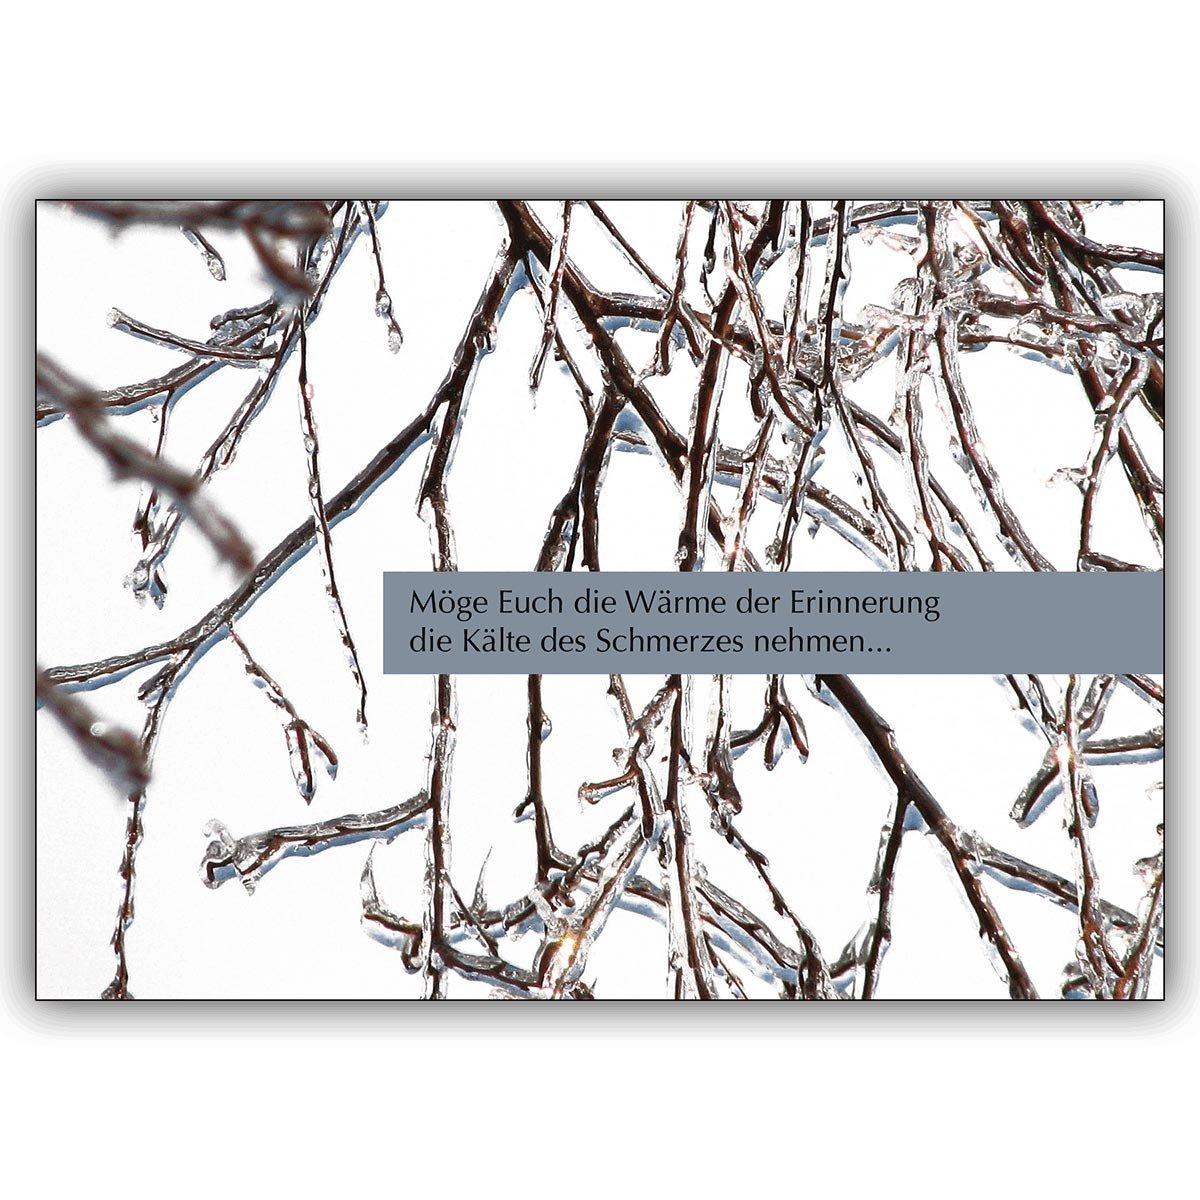 Direkte Fertigung 12 12 12 Traueranzeigen  Winter innen ihr Text. Motiv   Möge Euch die Wärme der Erinnerung die Kälte des Schmerzes nehmen…  den traditionell gestalteten Text drucken wir innen - nur Schrift auswählen zzgl 12 Papier E aca66d